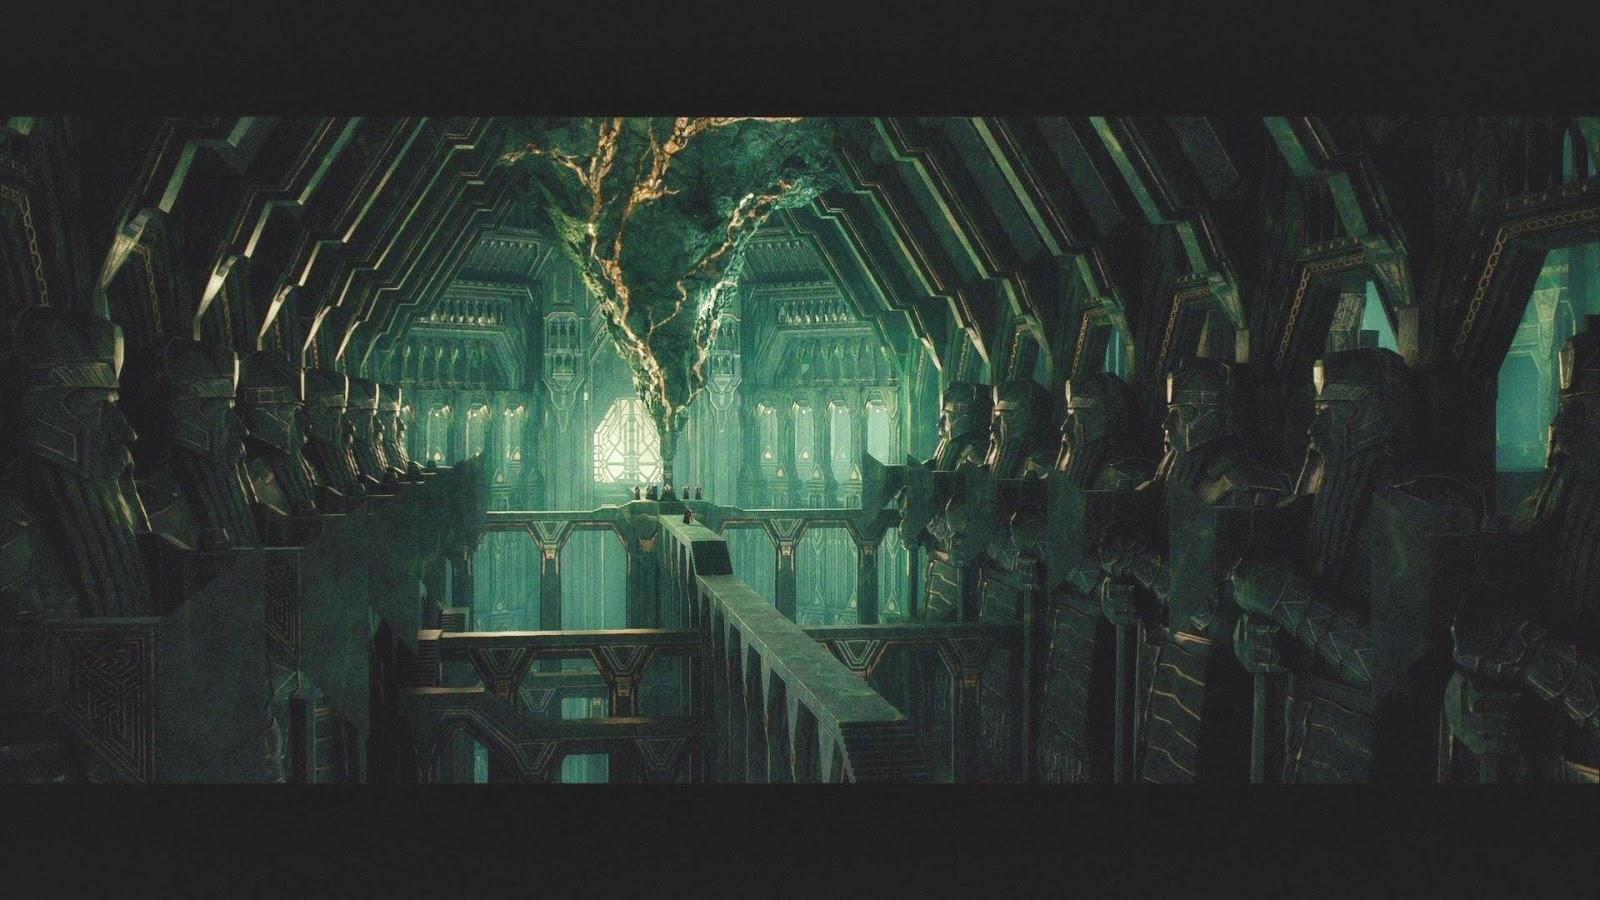 subterra speleo laval du trou de hobbit 224 la moria des nains le monde souterrain vu par j r r